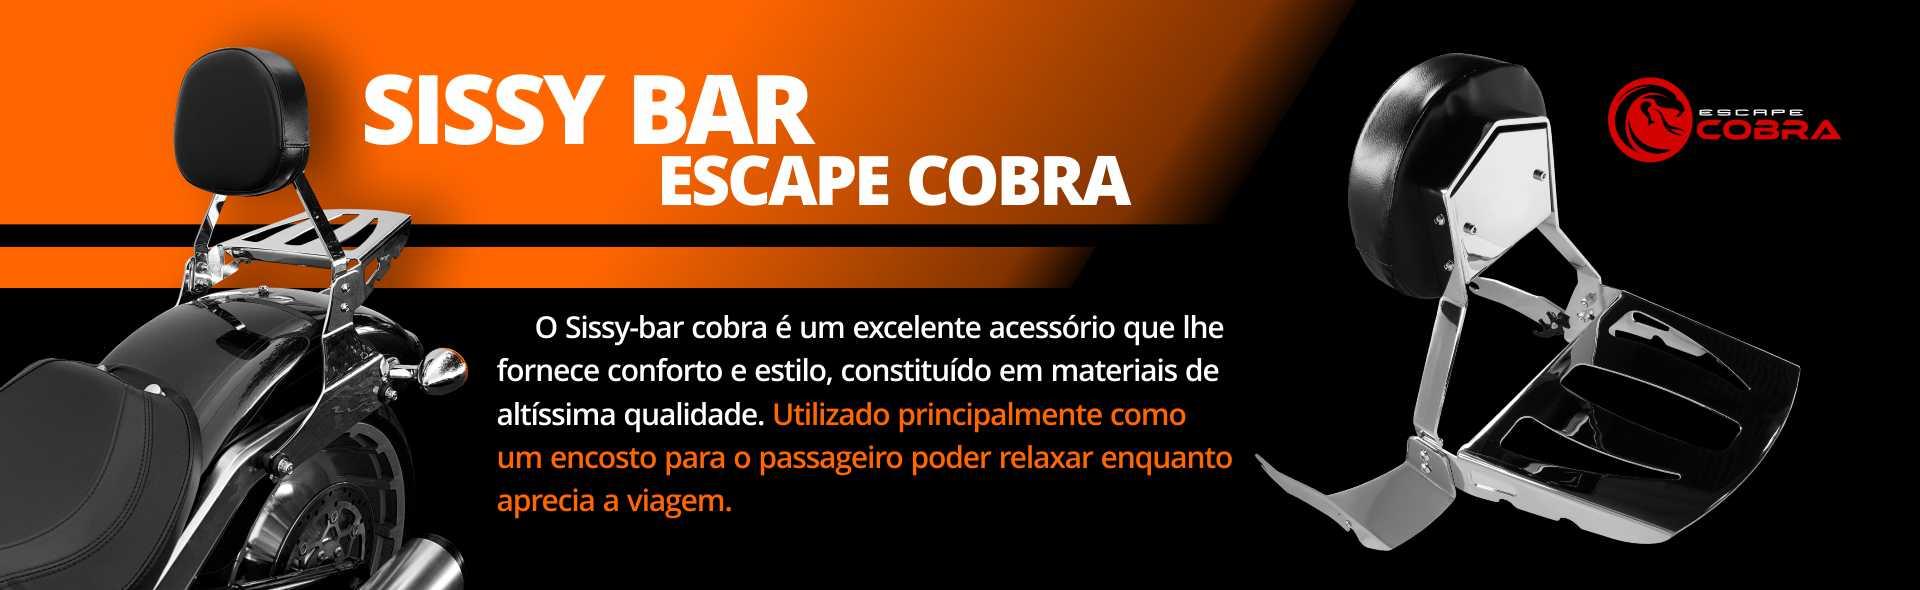 PRODUTO - ESCAPE COBRA 2